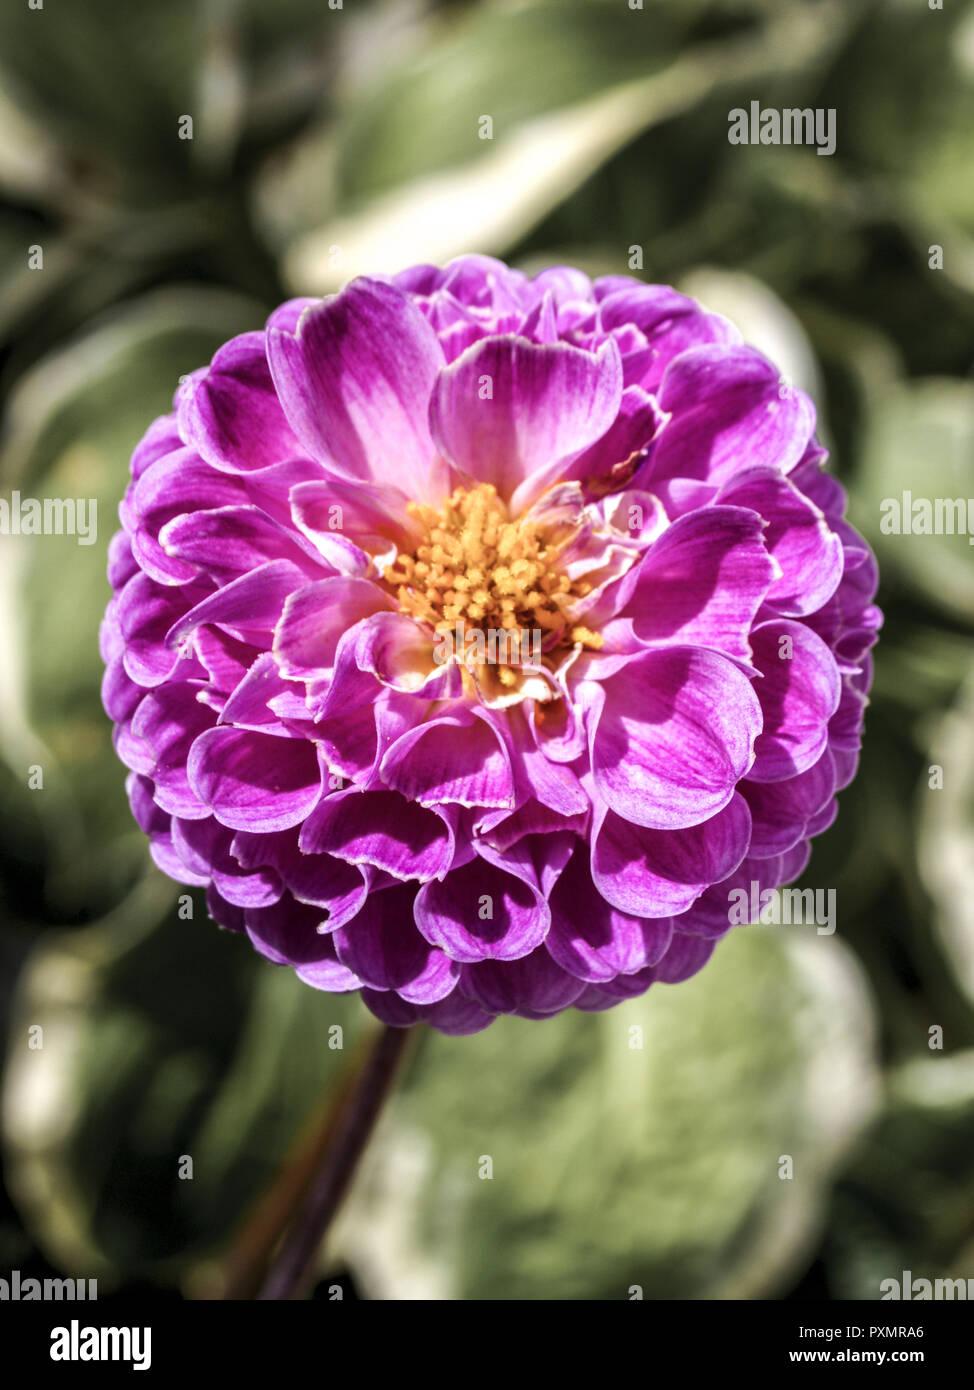 Dahlie, Bluete, purpur, Pflanze, Gartenpflanze, Gartenblume, Blume, Korbbluetler, Georgine, Dahlia, Zierpflanze, Zierblume, Sommerblume, Natur, Nahauf Stock Photo